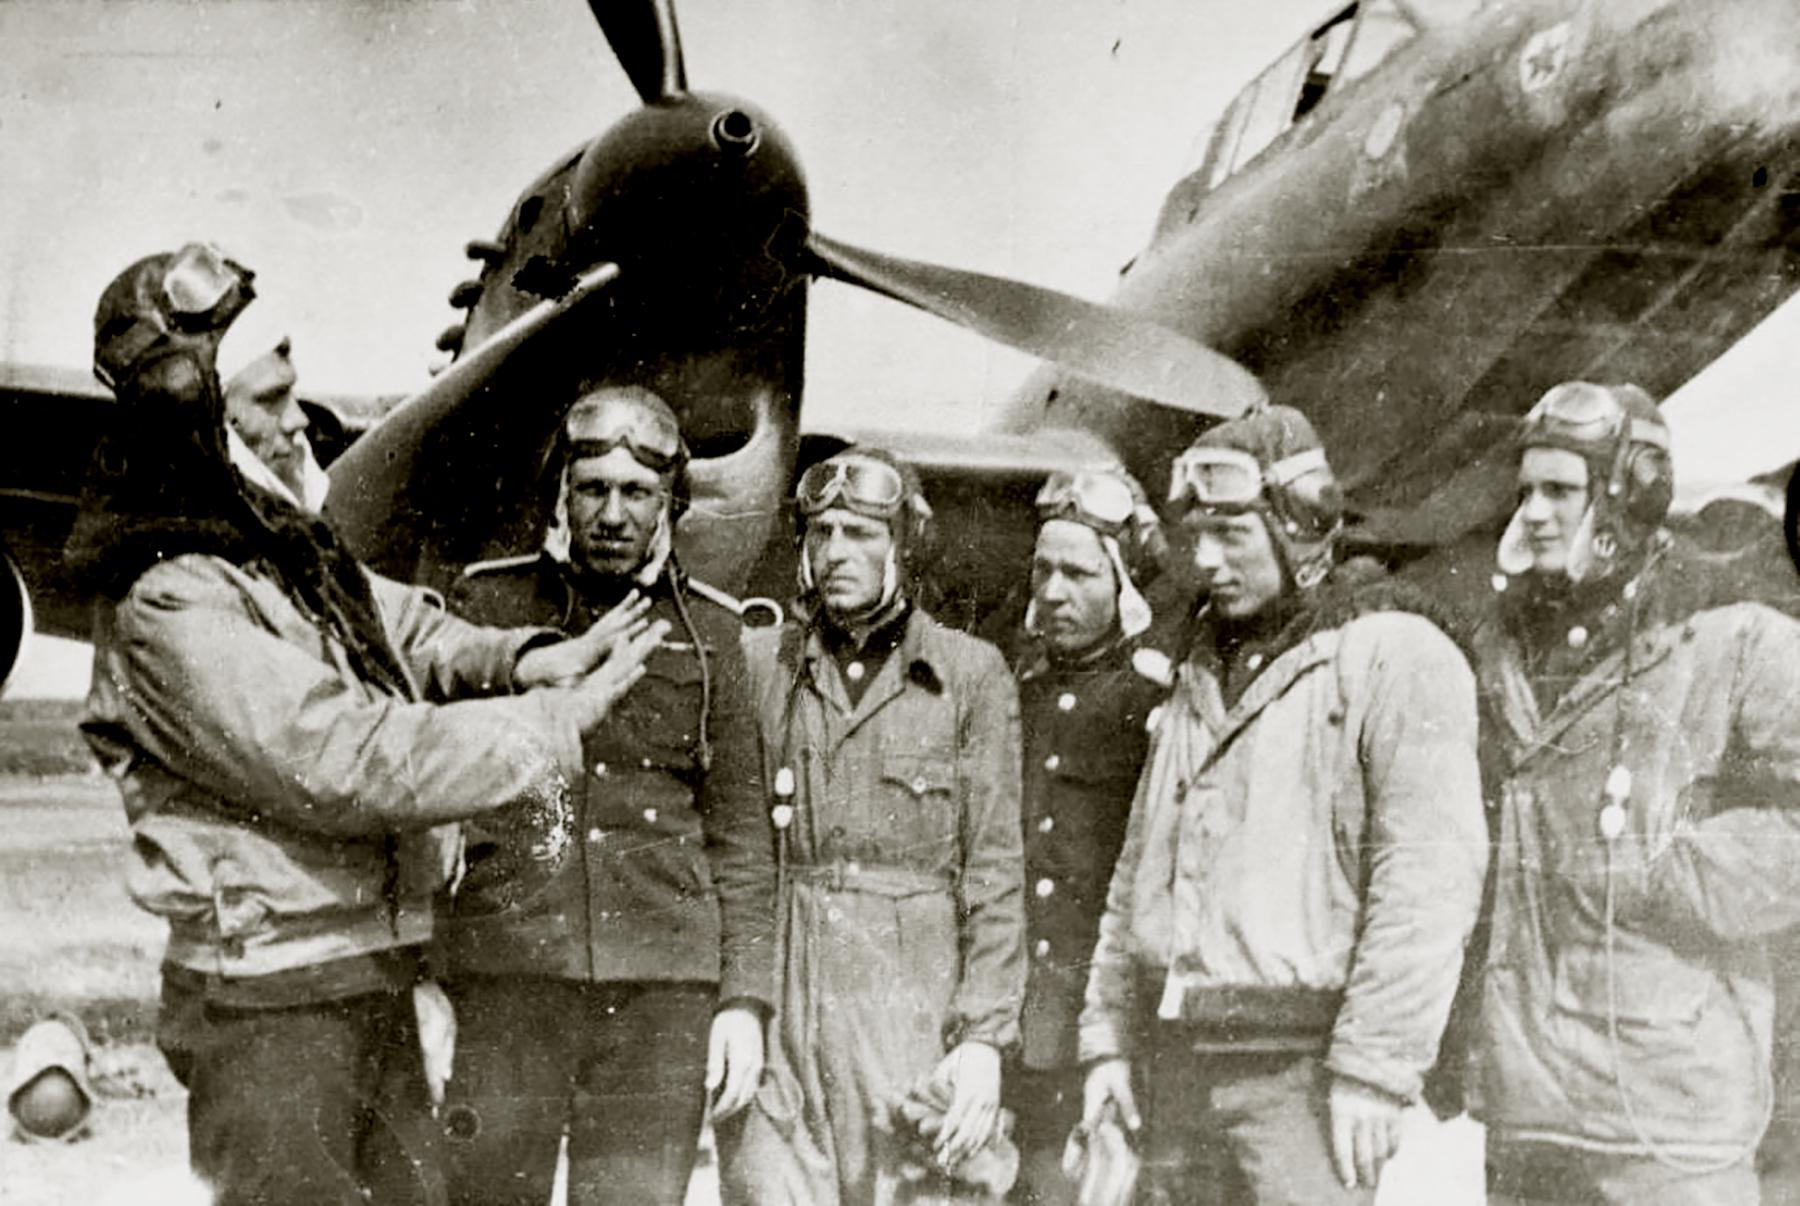 Petlyakov Pe 2 type 359 12GvPAP Order of Ushakov with Rzhevsky P Ilyich and others 1946 01